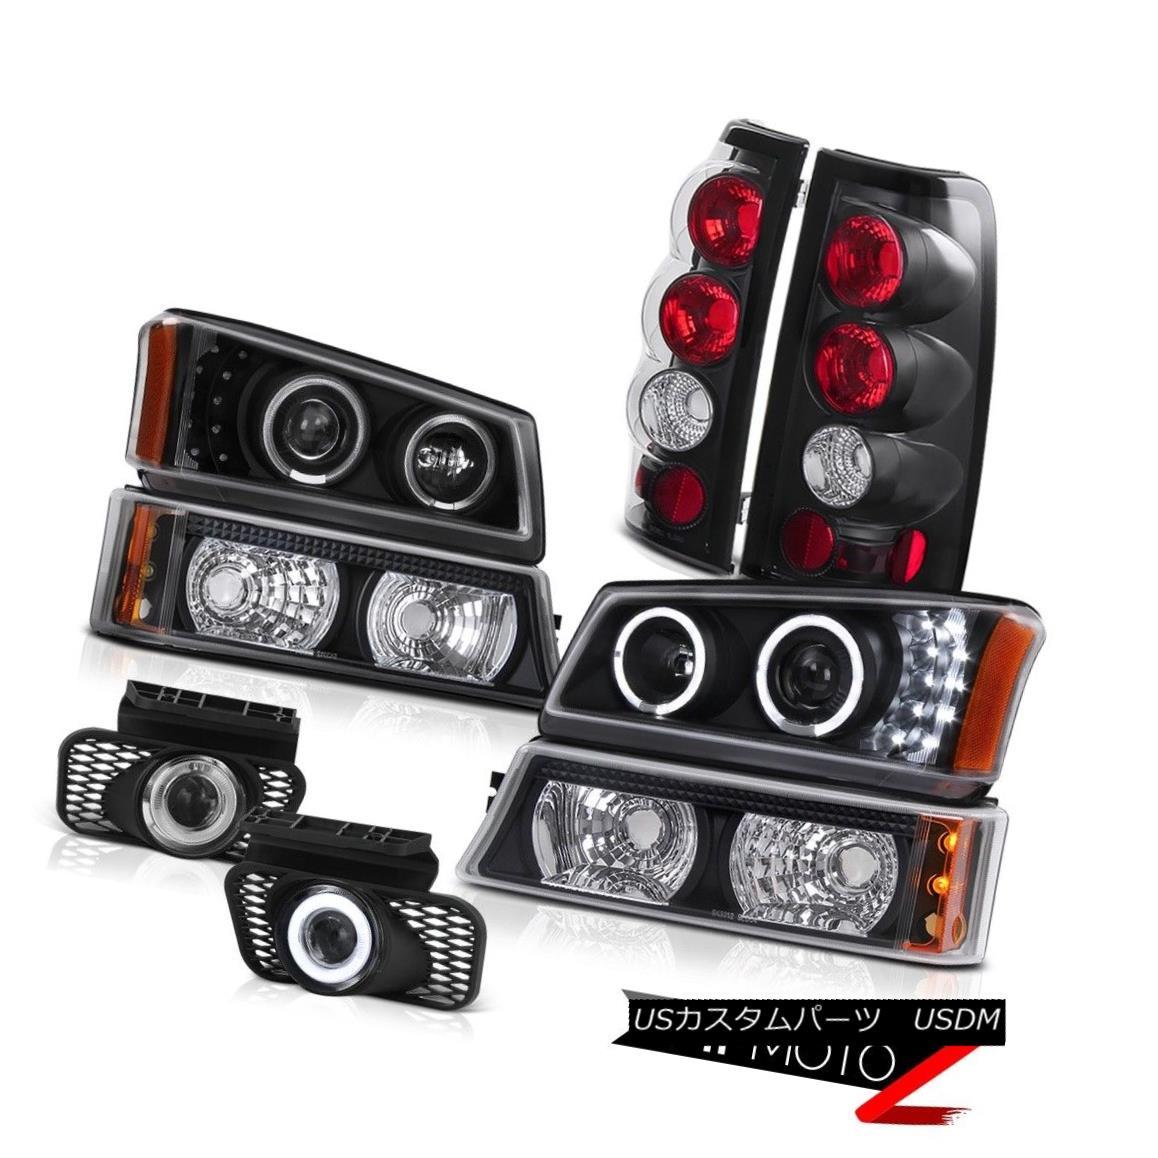 テールライト 03-07 Silverado 3500HD Halo Headlight Signal Parking Tail Light Chrome Clear Fog 03-07 Silverado 3500HD Haloヘッドライトシグナルパーキングテールライトクロームクリアフォグ